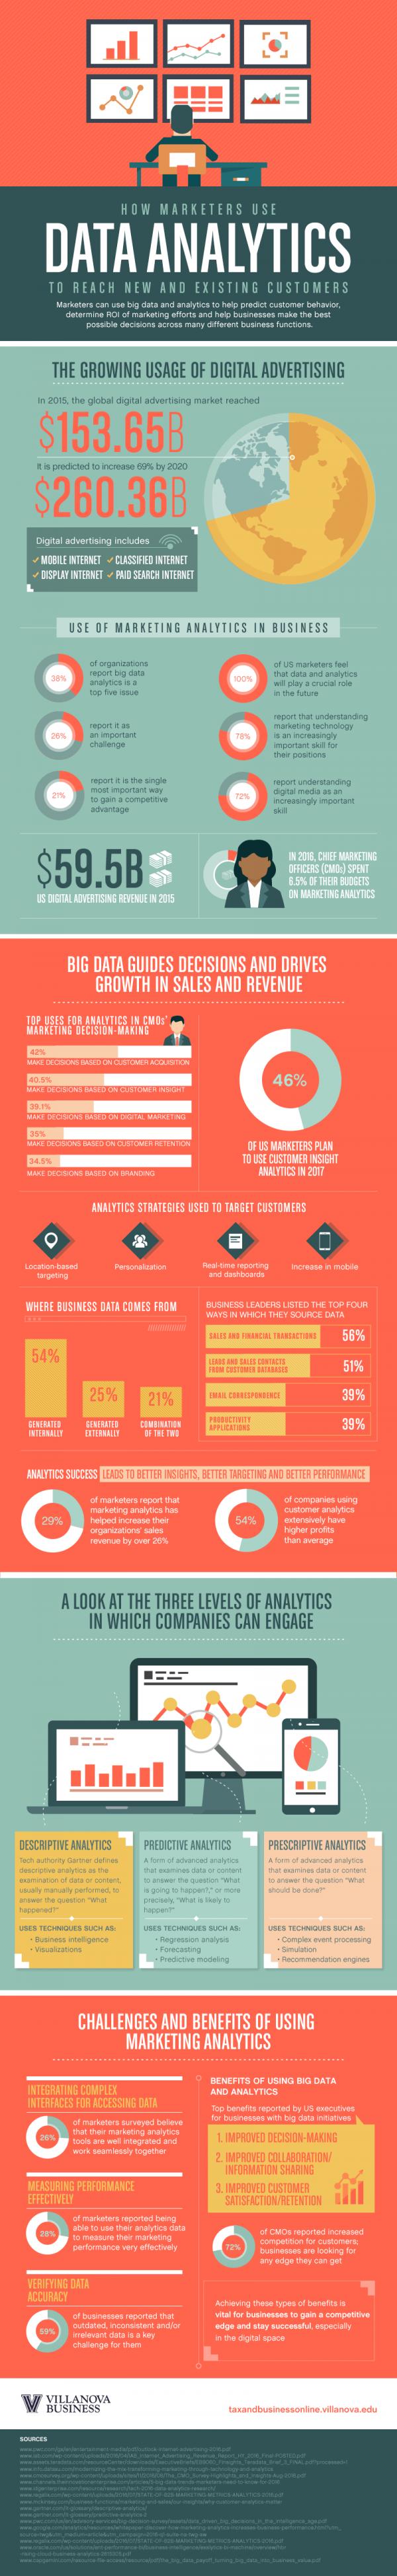 marketing data analytics customer retention